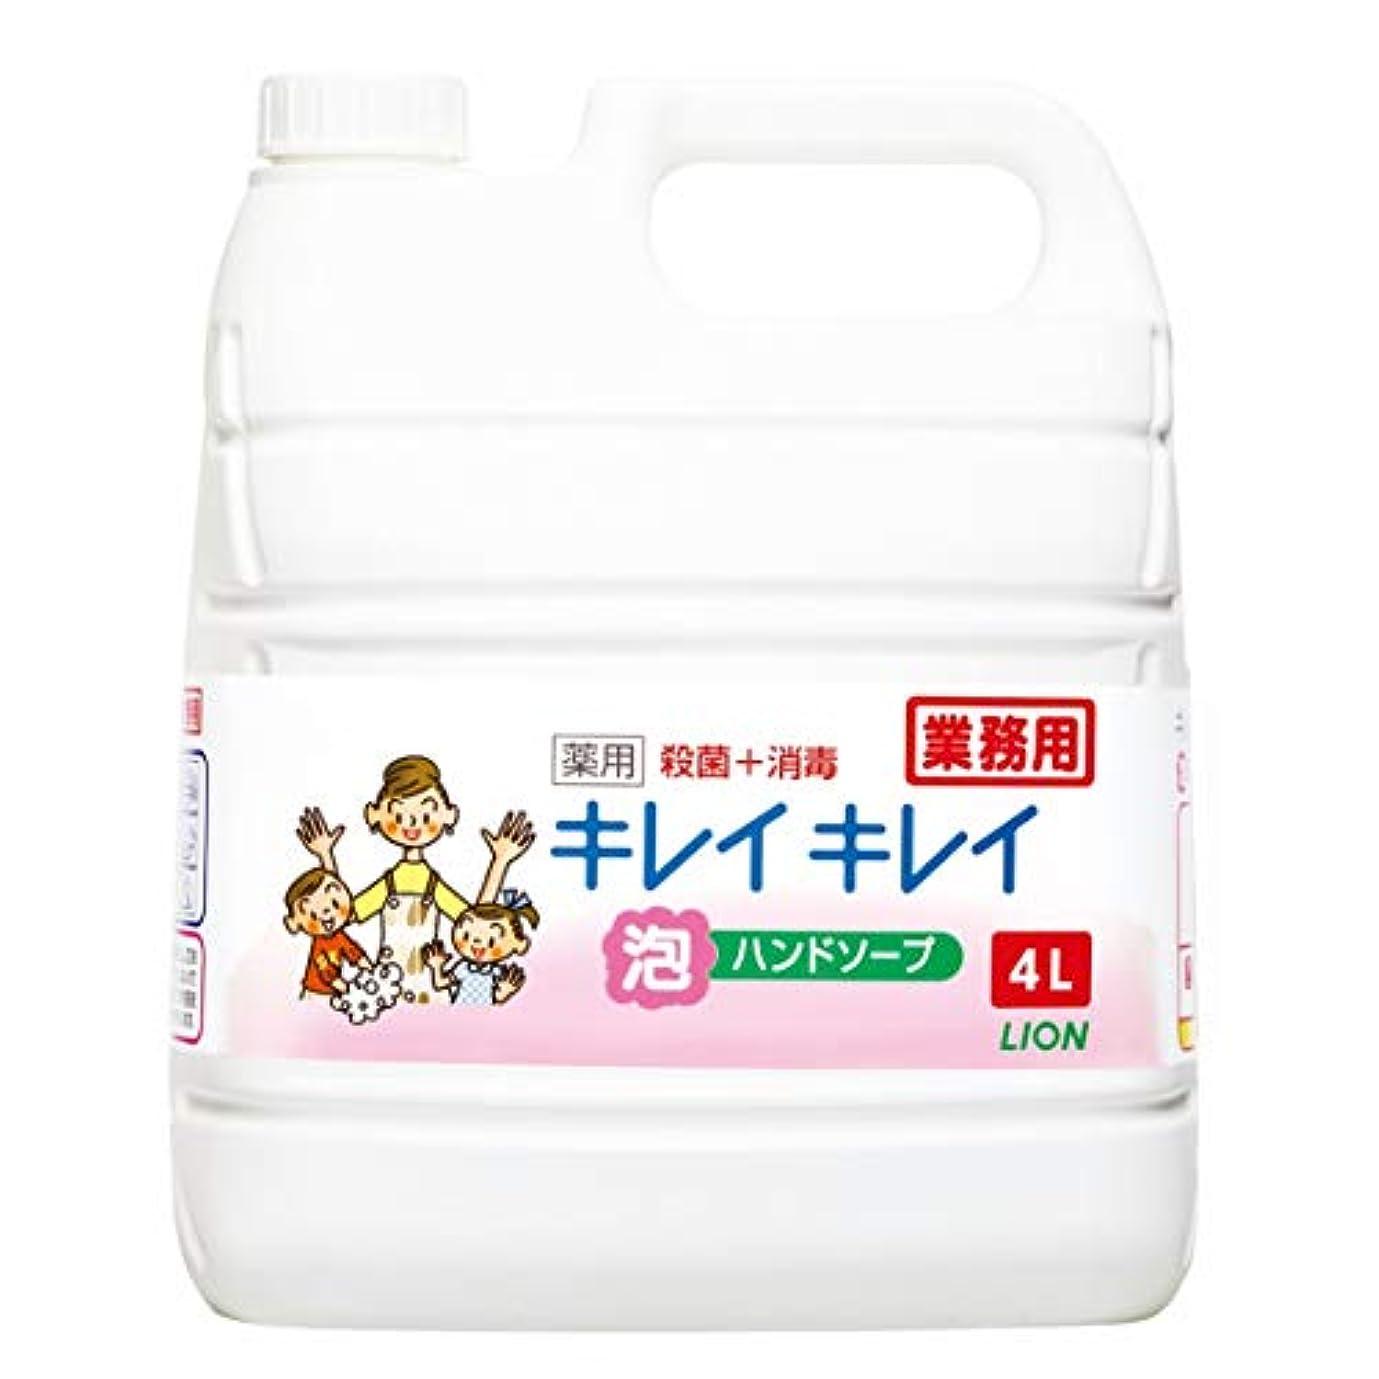 結論誕生暗くする【業務用 大容量】キレイキレイ 薬用 泡ハンドソープ シトラスフルーティの香り 液体 単品 4L(医薬部外品)